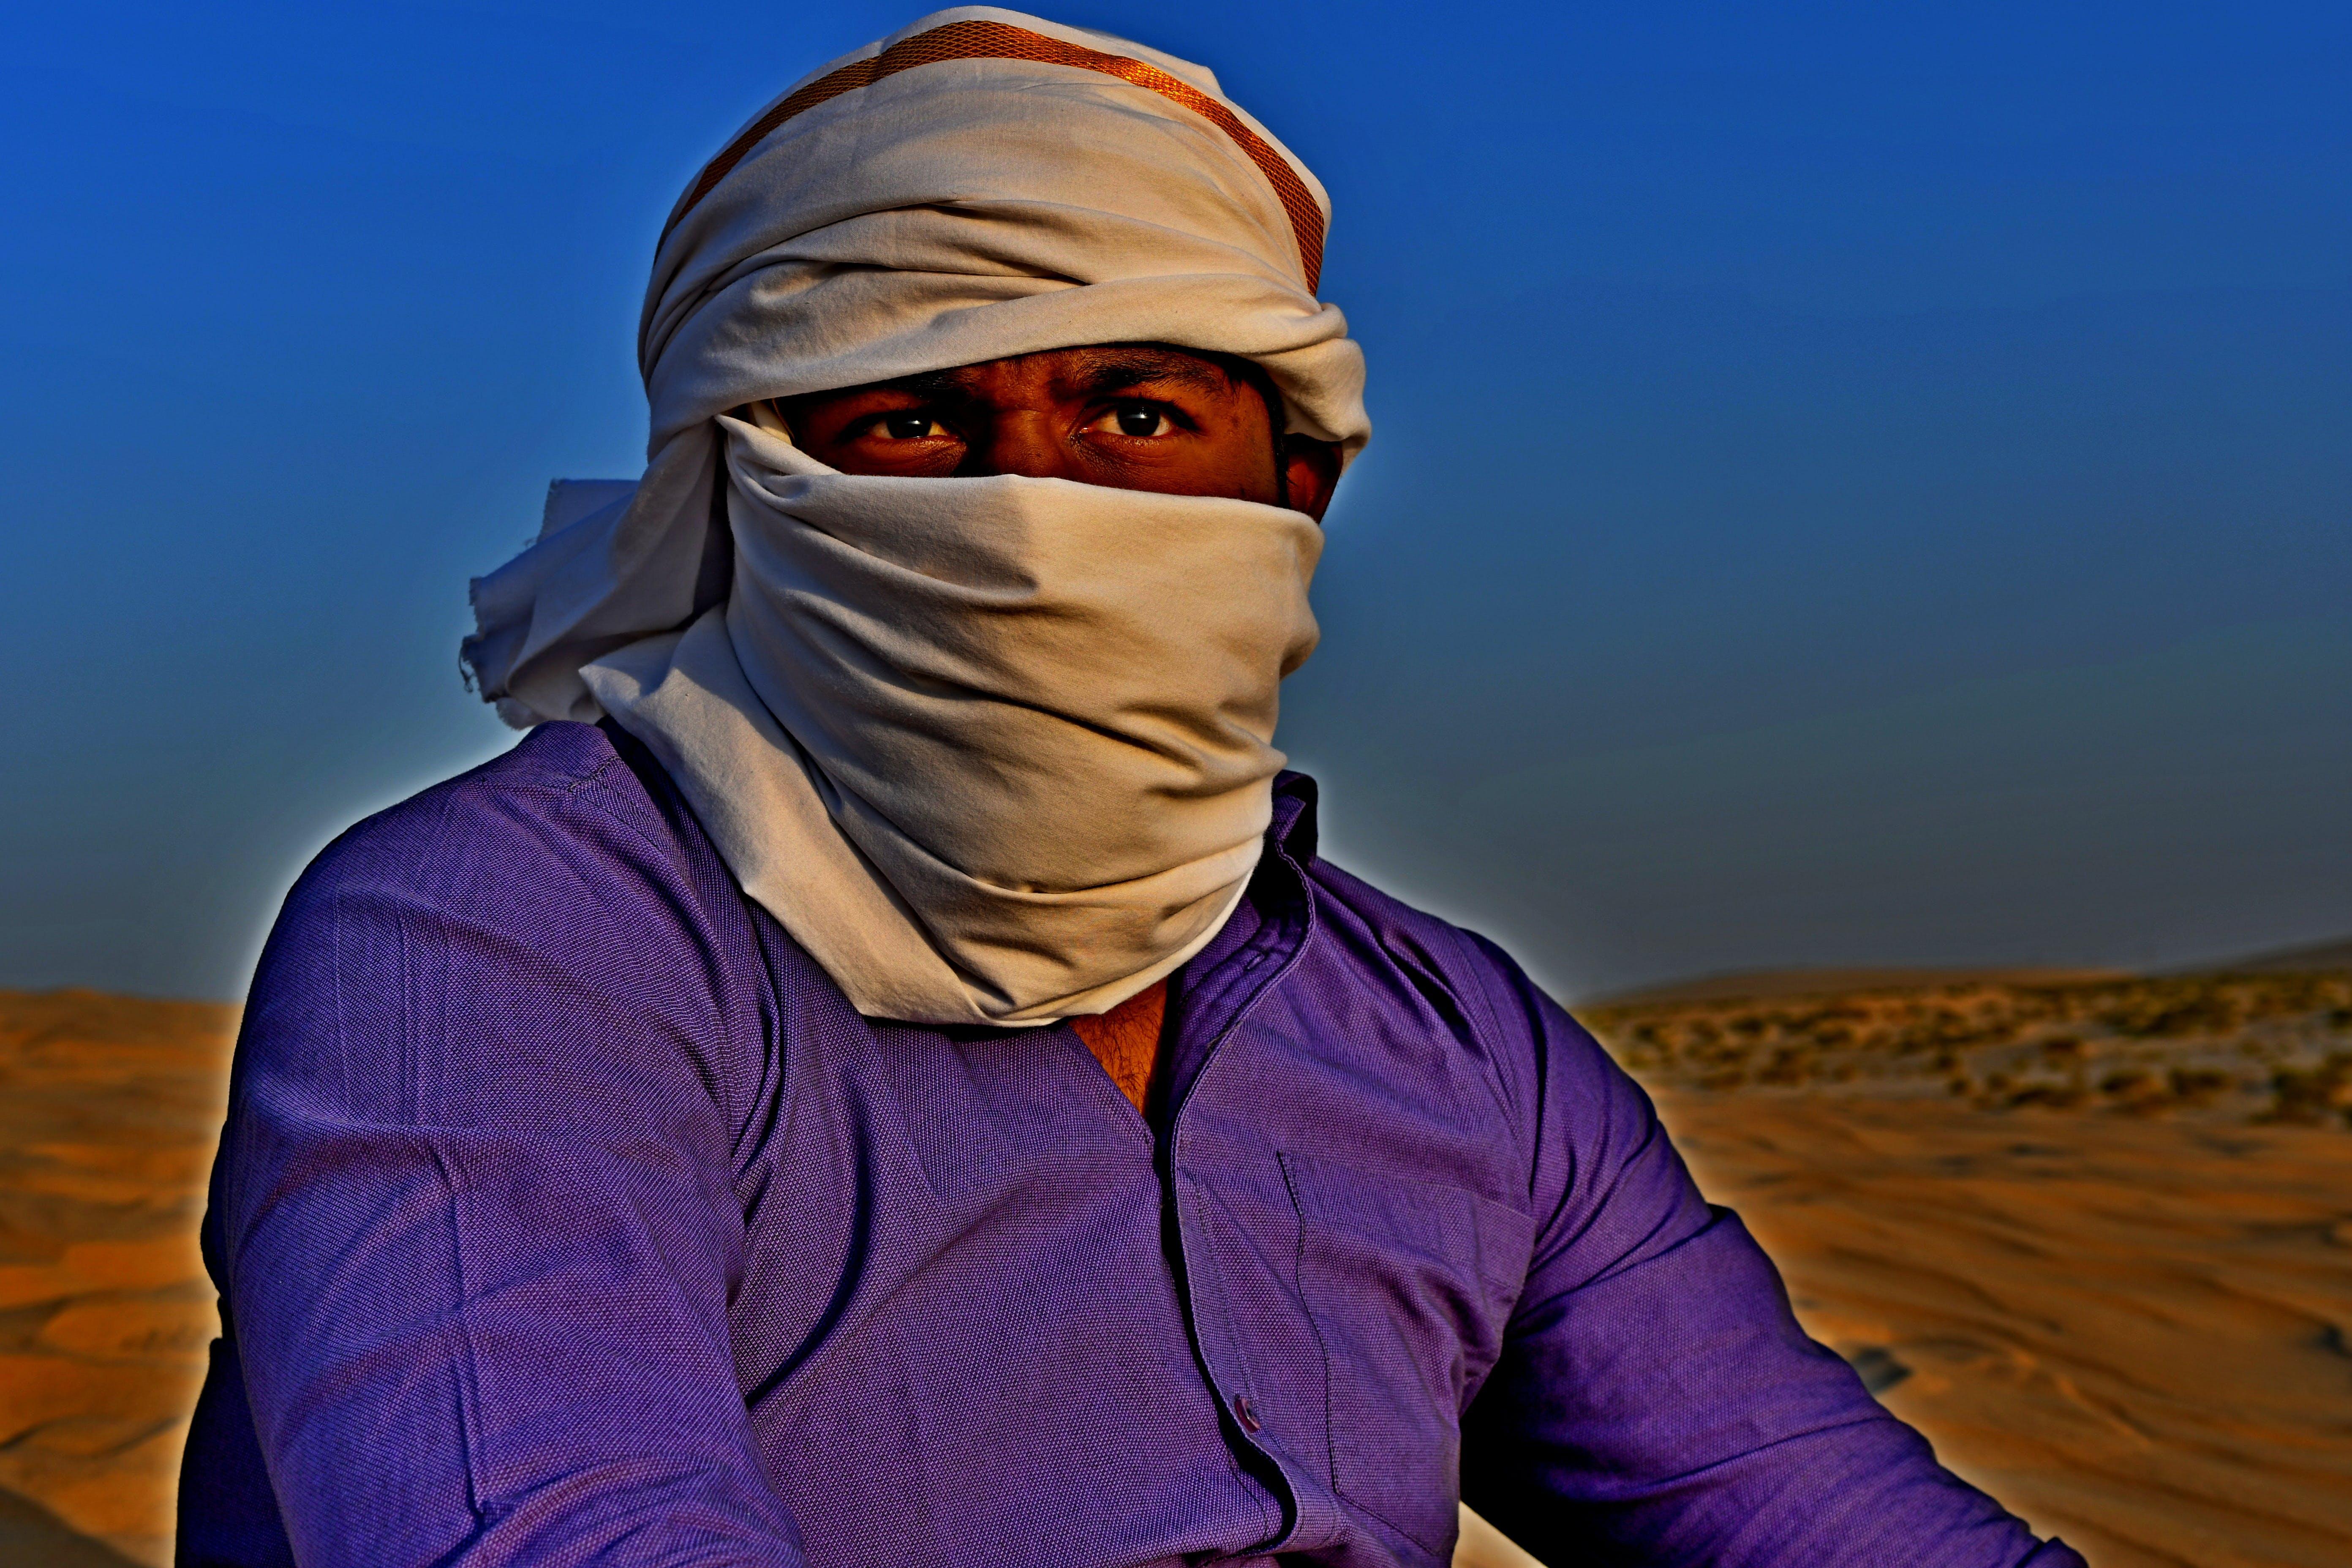 Gratis stockfoto met close-up, donkere man, duisternis in de woestijn, licht van de dag